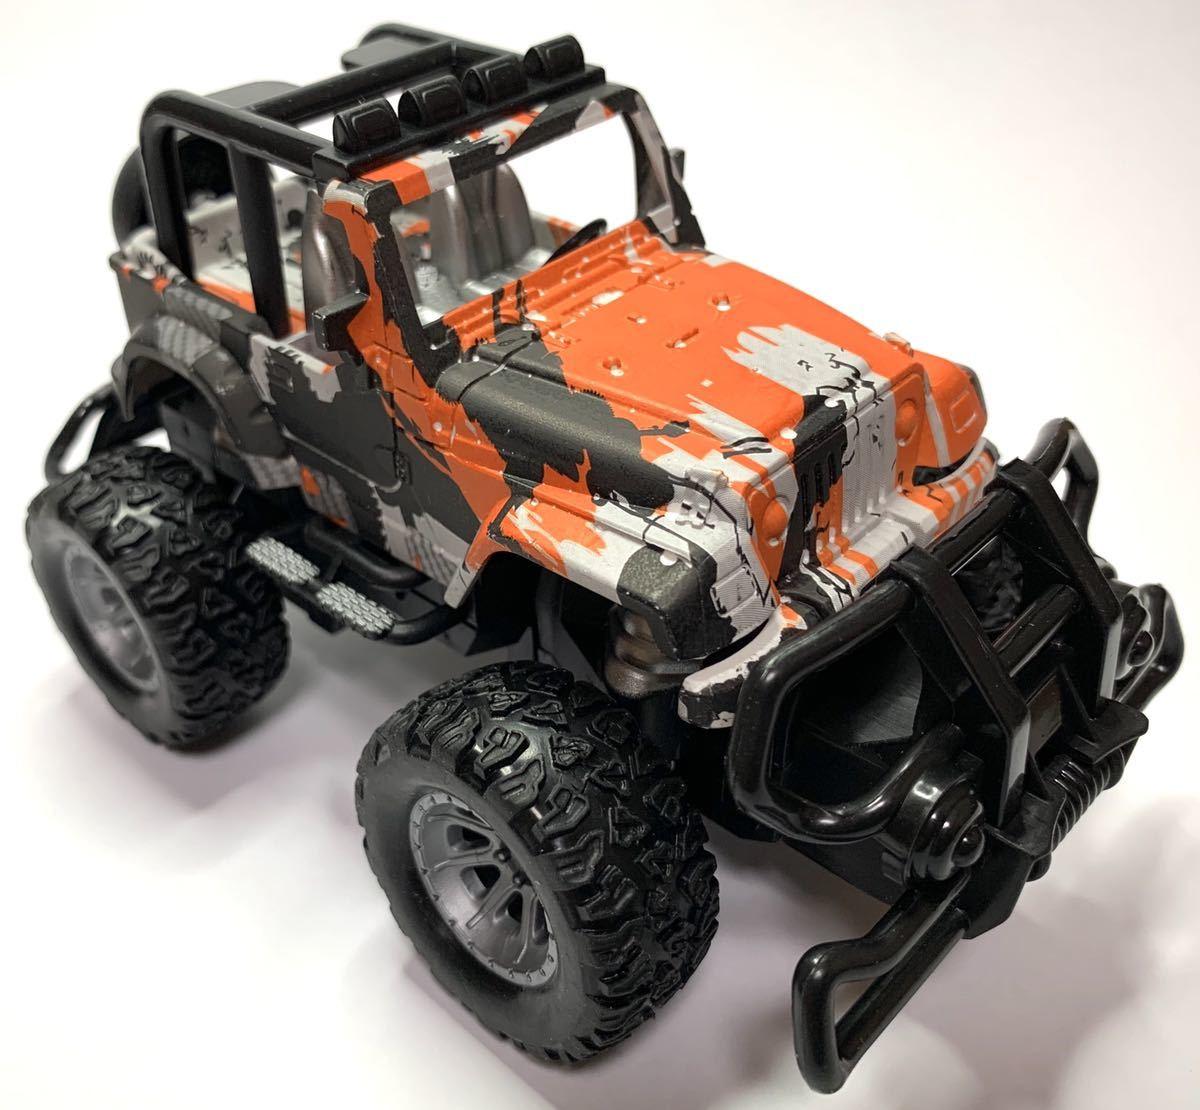 大人気 SUV シリーズRC ROCK OFF-ROAD CAR ラジコン ロック オフロードカー ジープタイプ オレンジホワイト